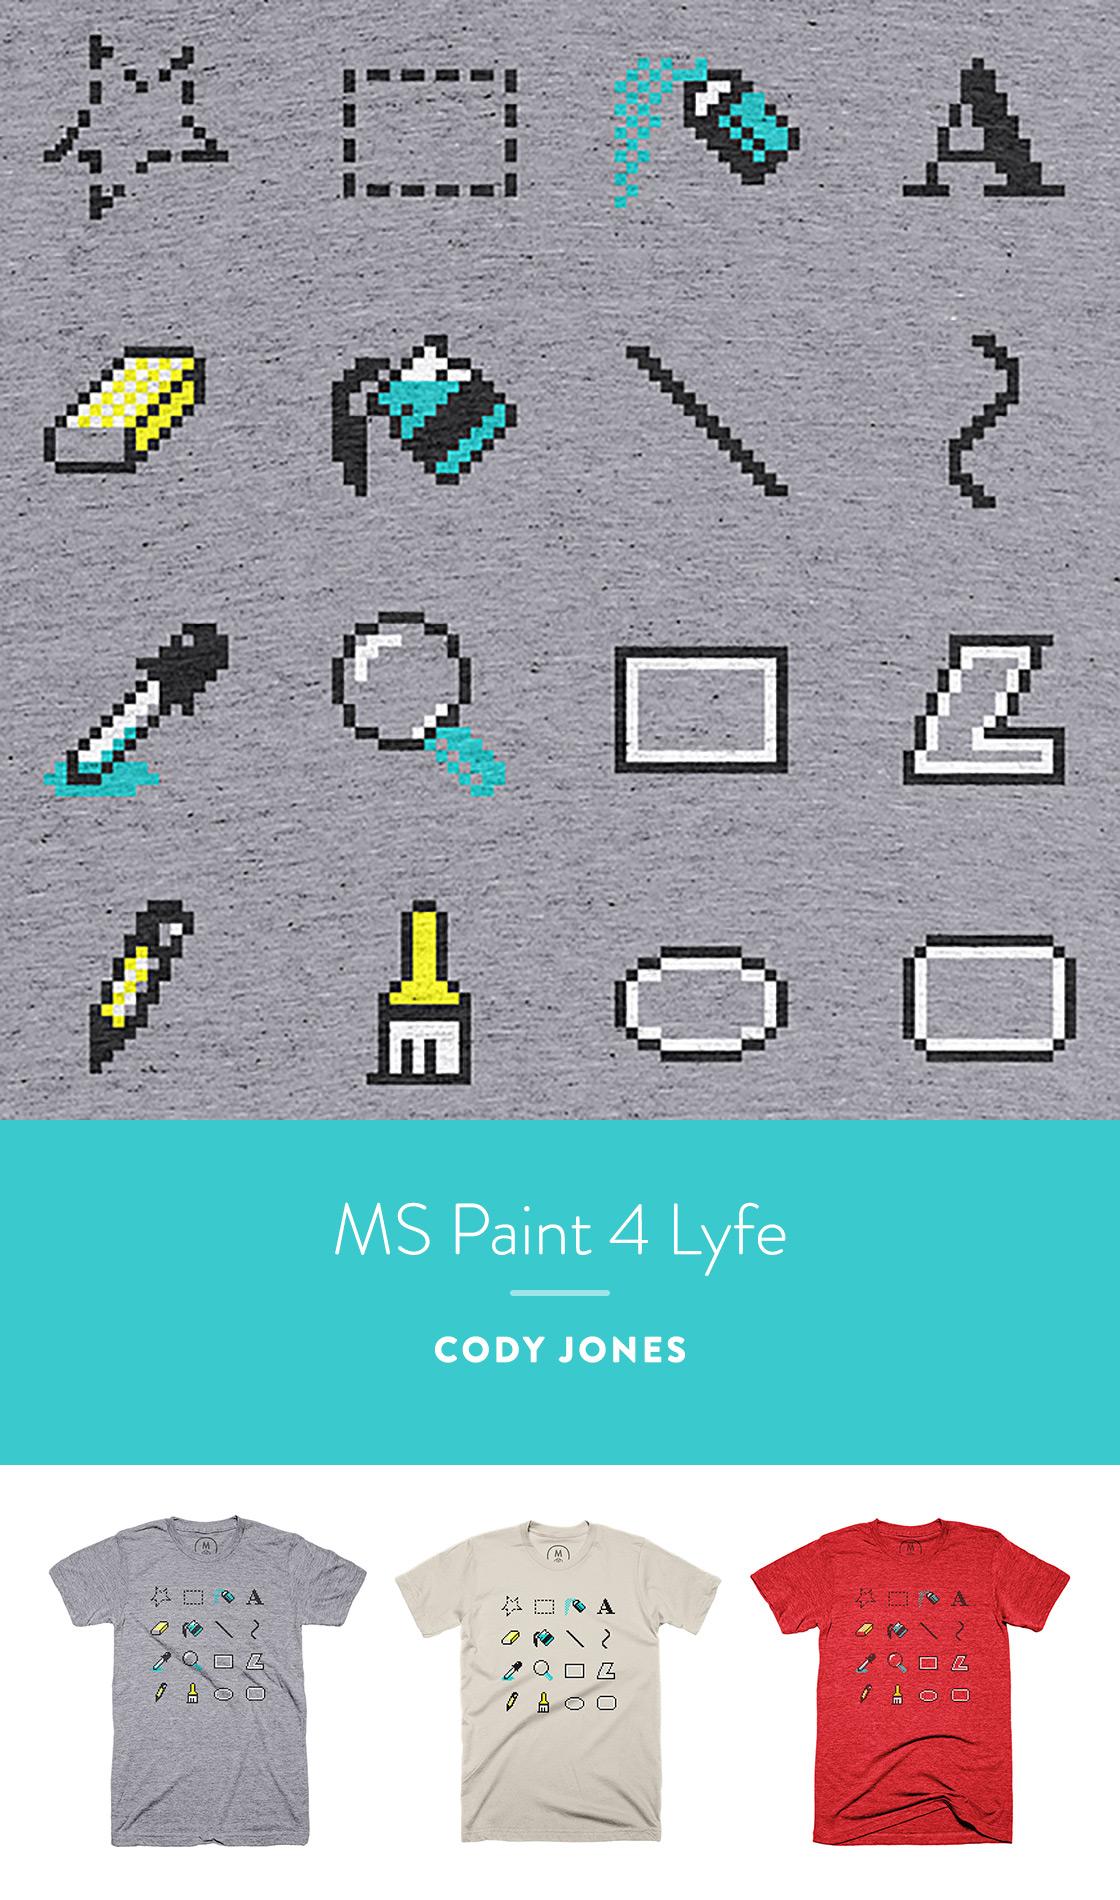 MS Paint 4 Lyfe by Cody Jones